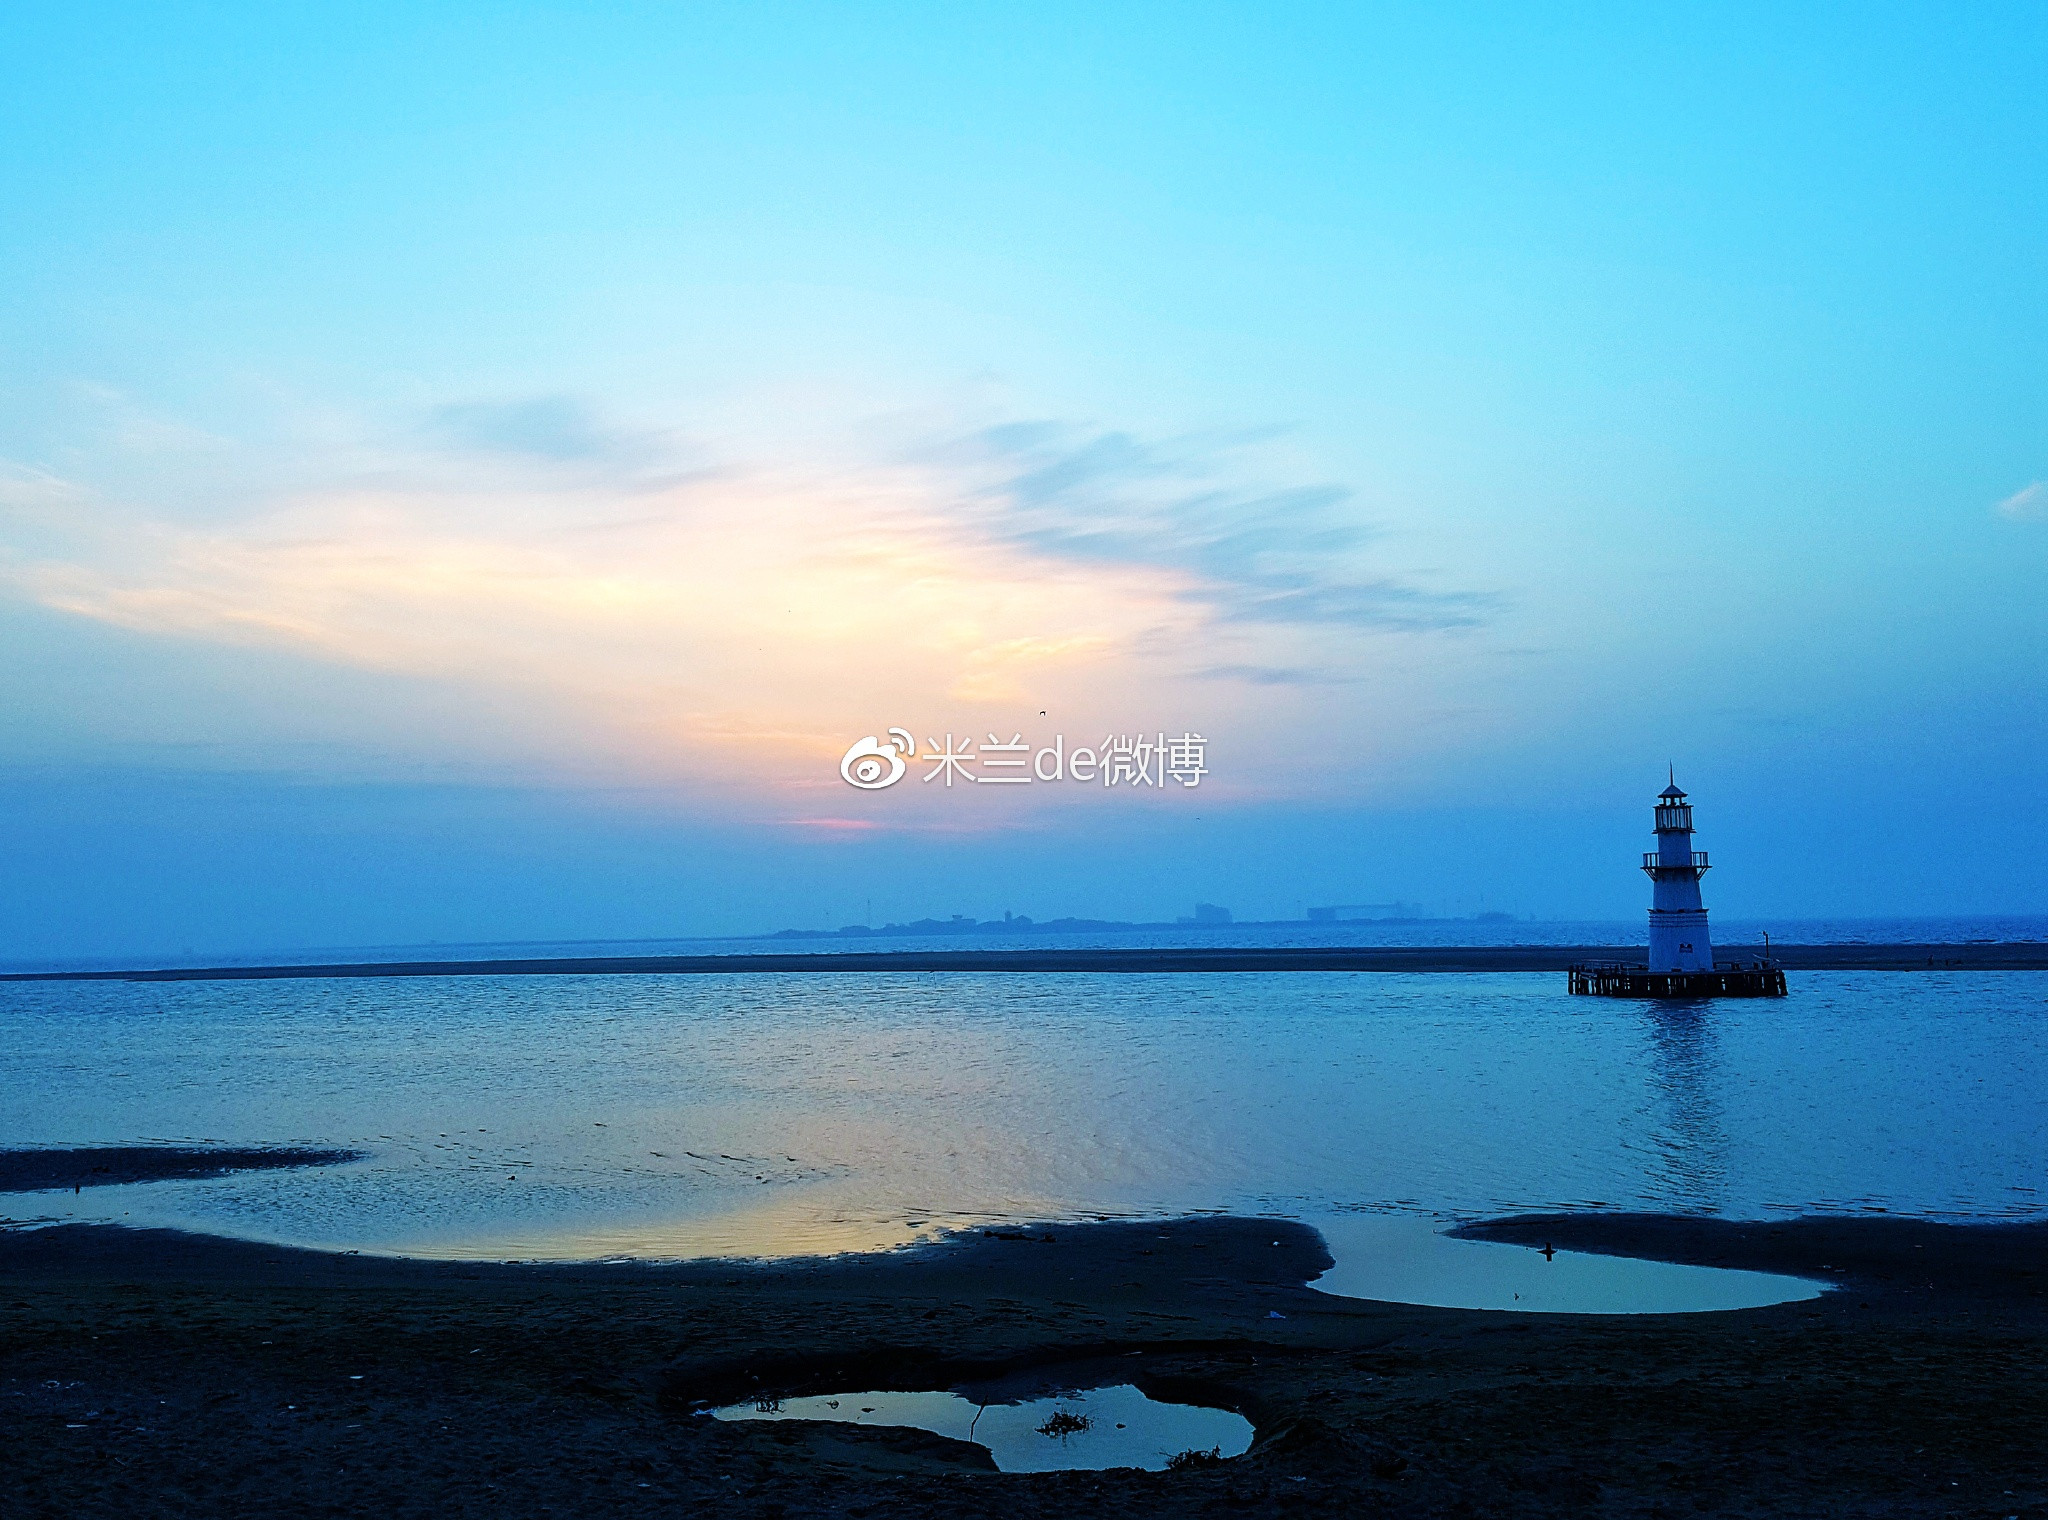 海上木屋,浪漫温馨,凌晨4点30分在月岛上静候海上日出,太阳冲出云层